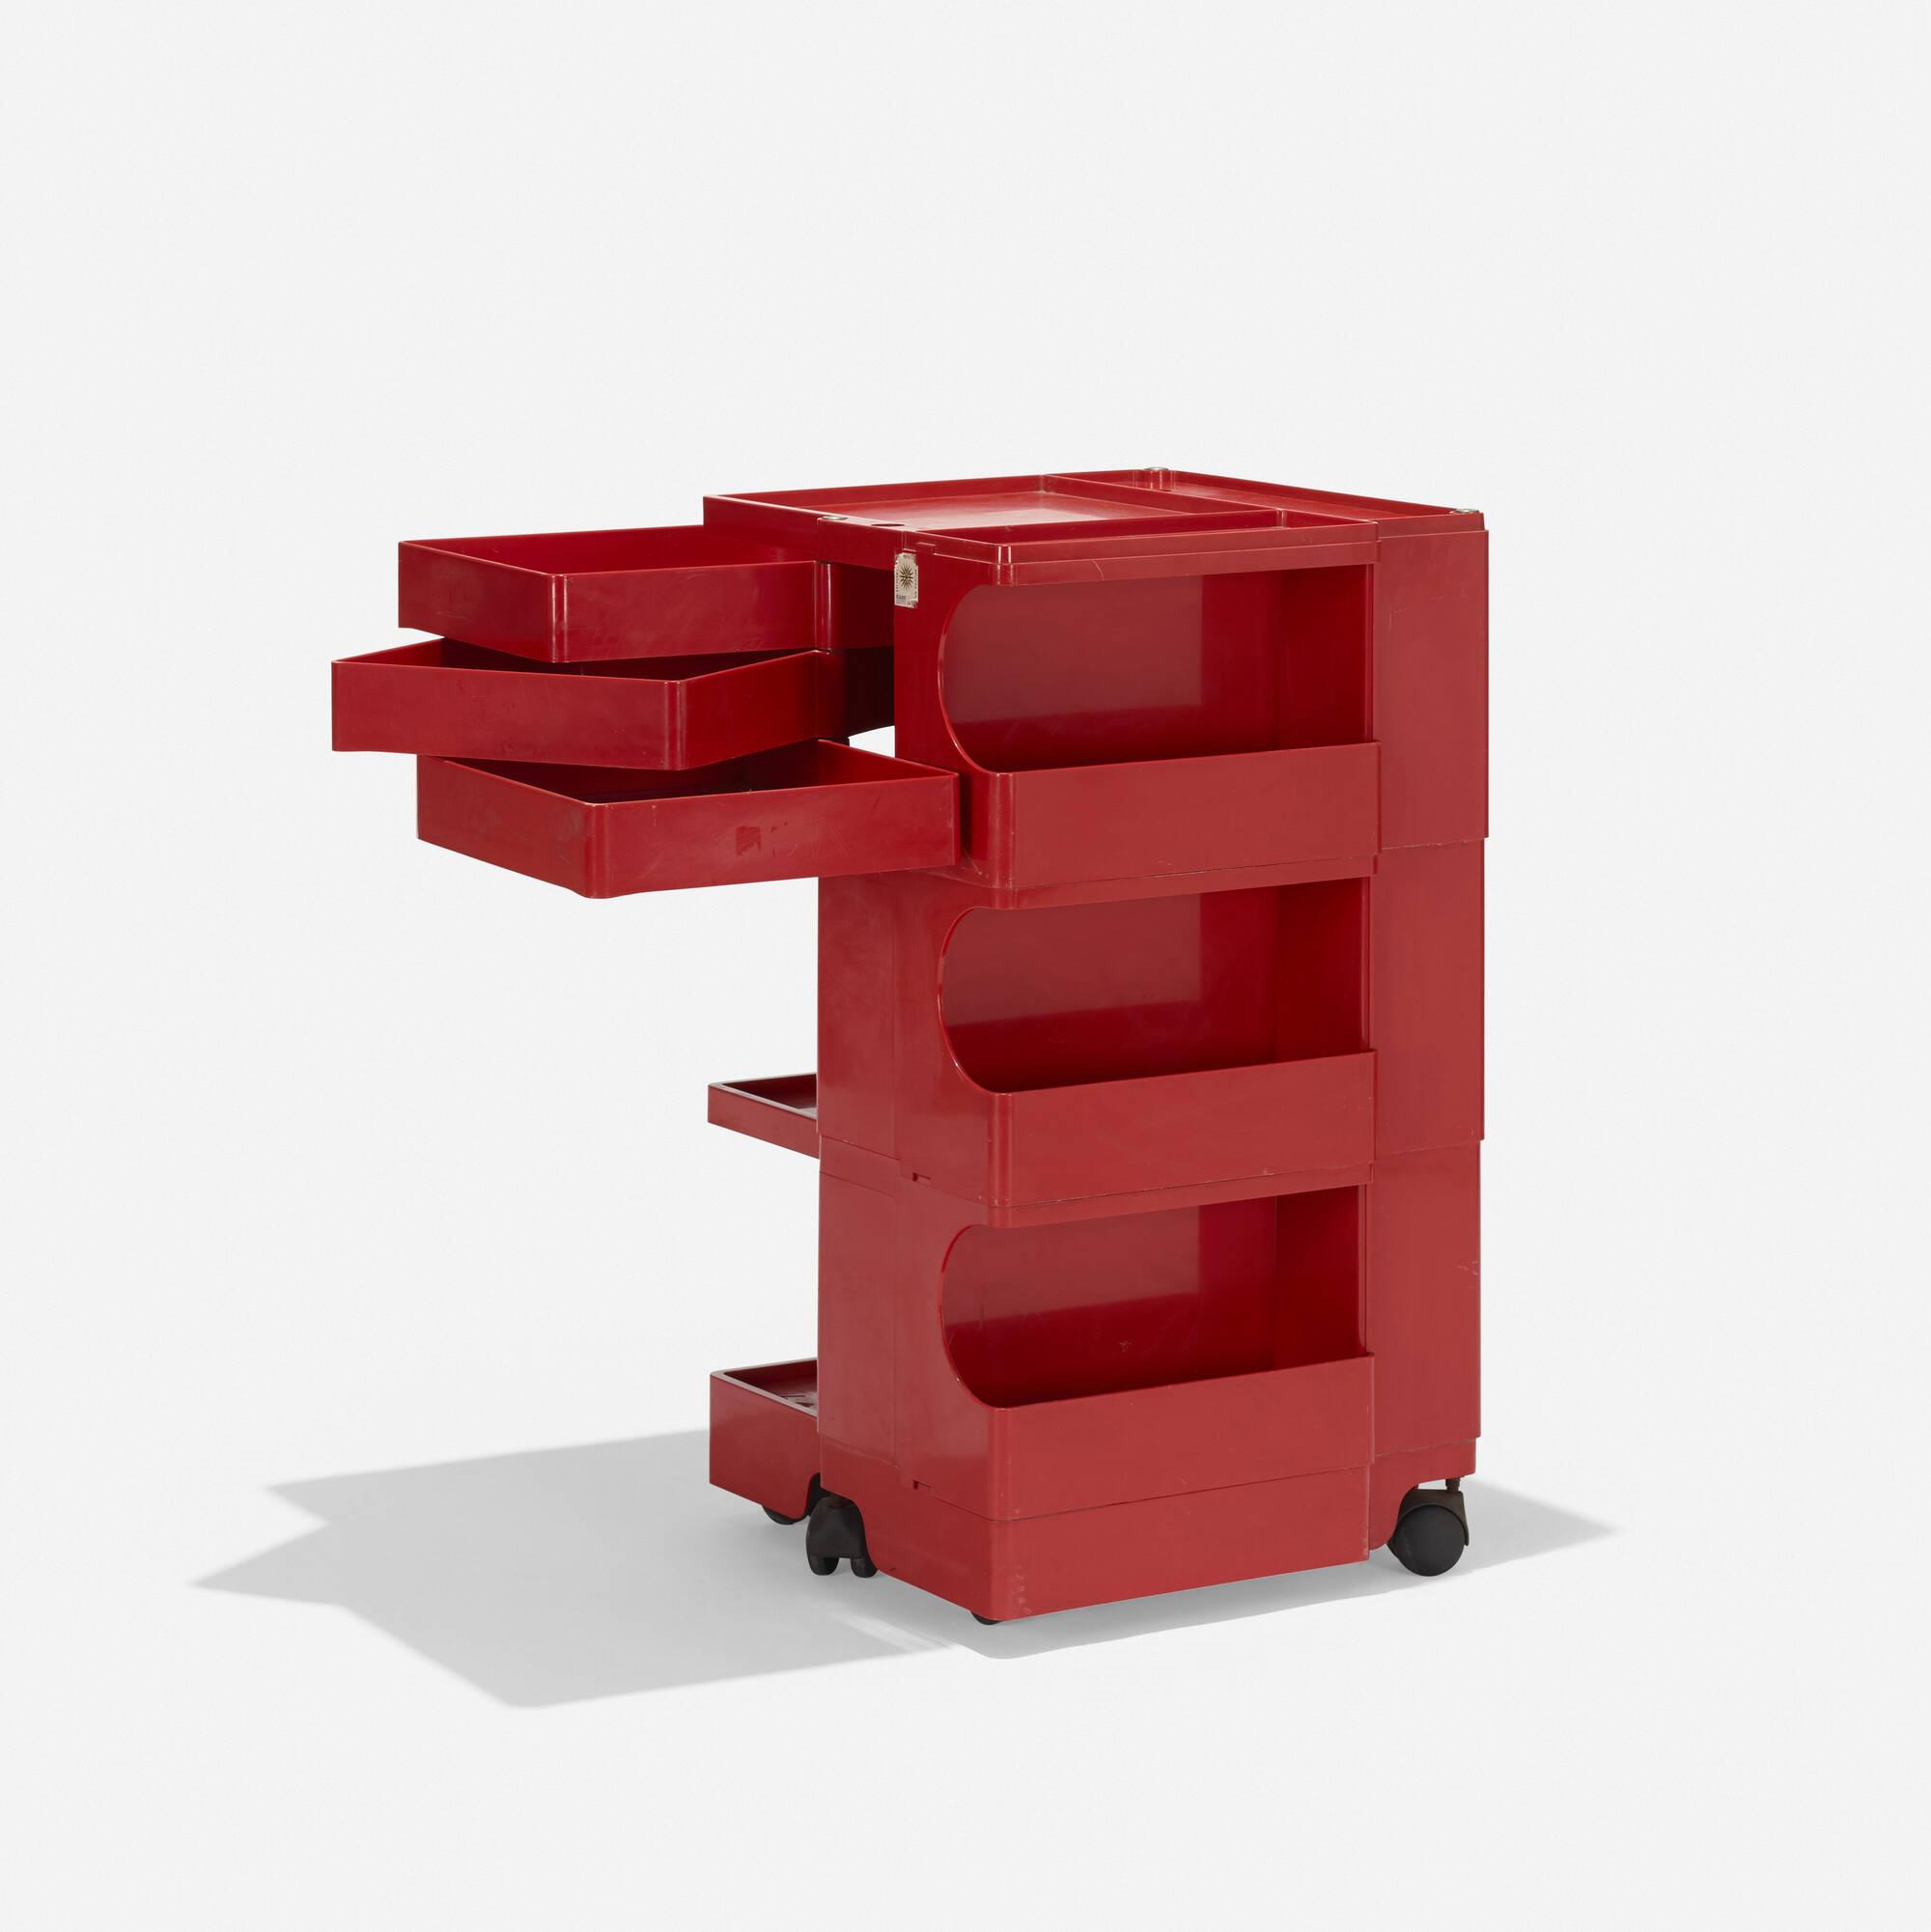 132: Joe Colombo / Boby 3 portable storage system (2 of 3)